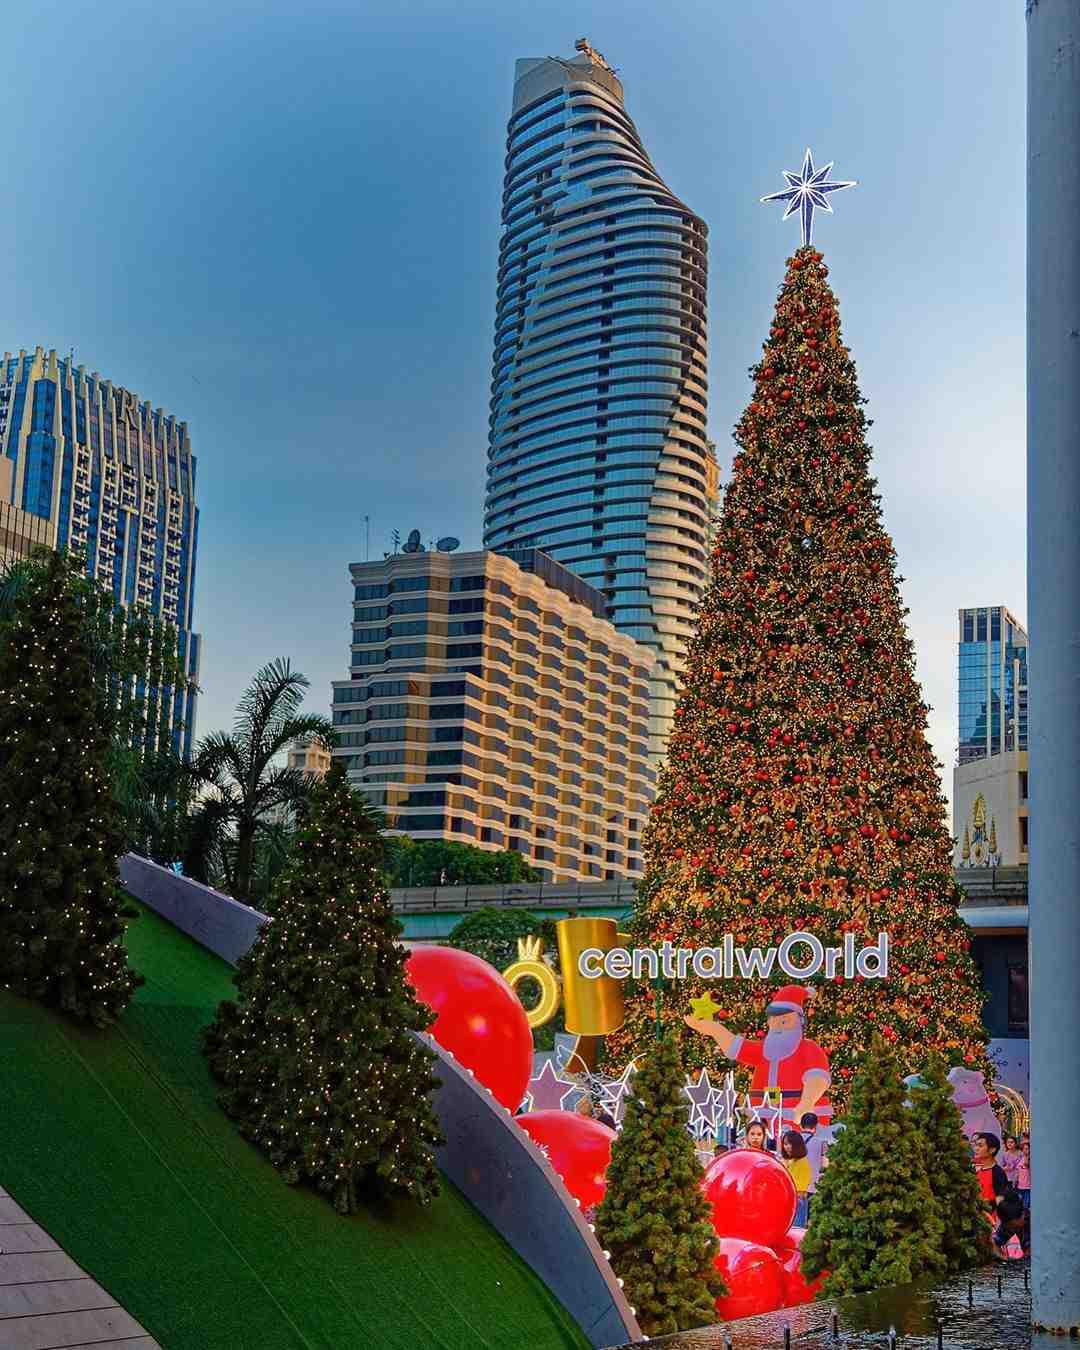 Christmas tree at CentralWorld in Bangkok